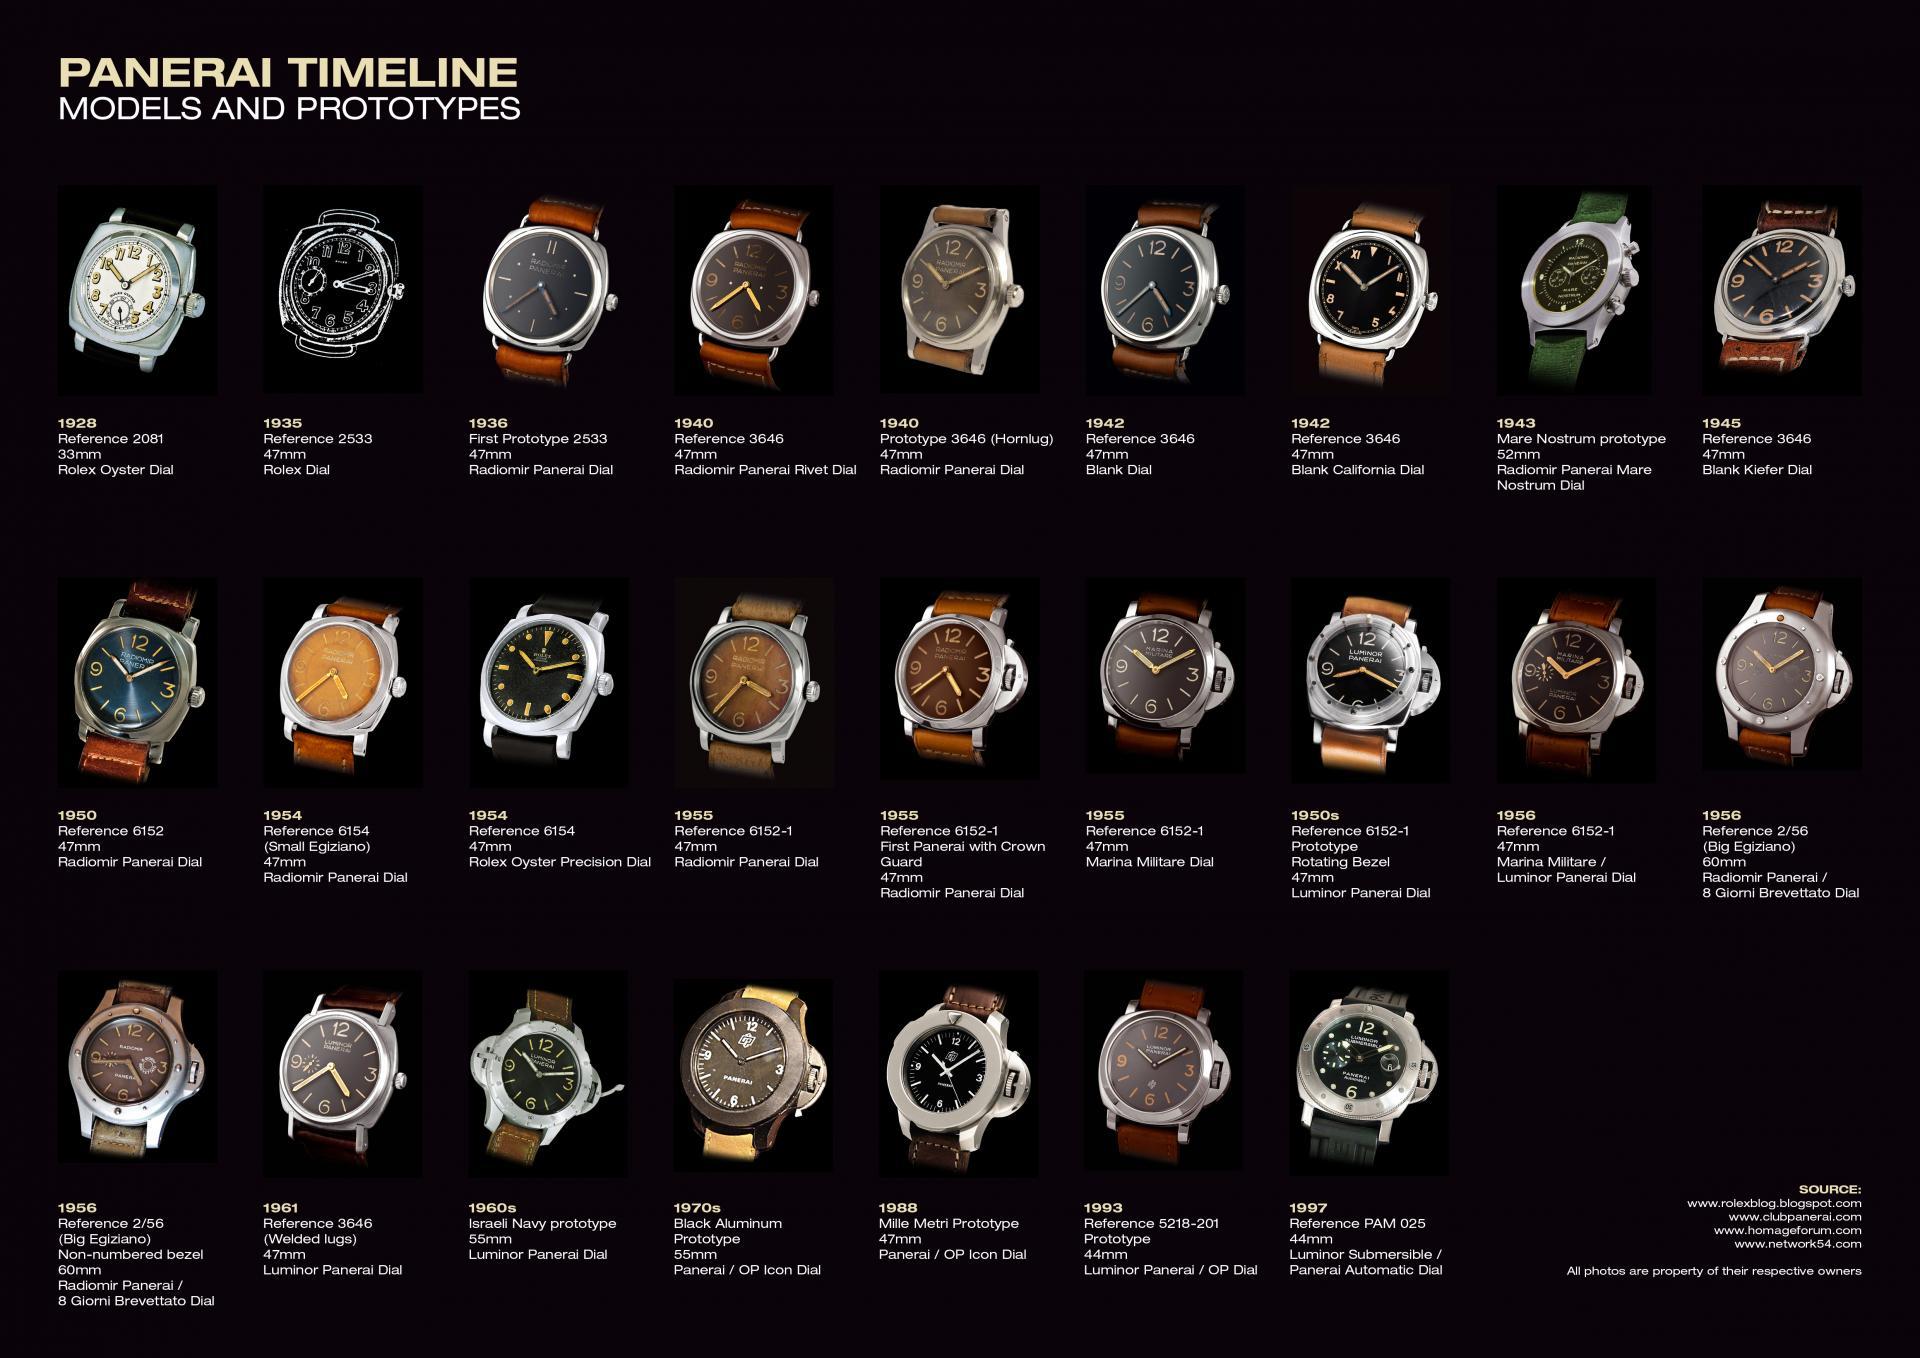 Naziv: panerai timeline.jpg, pregleda: 153, veličina: 269,5 KB